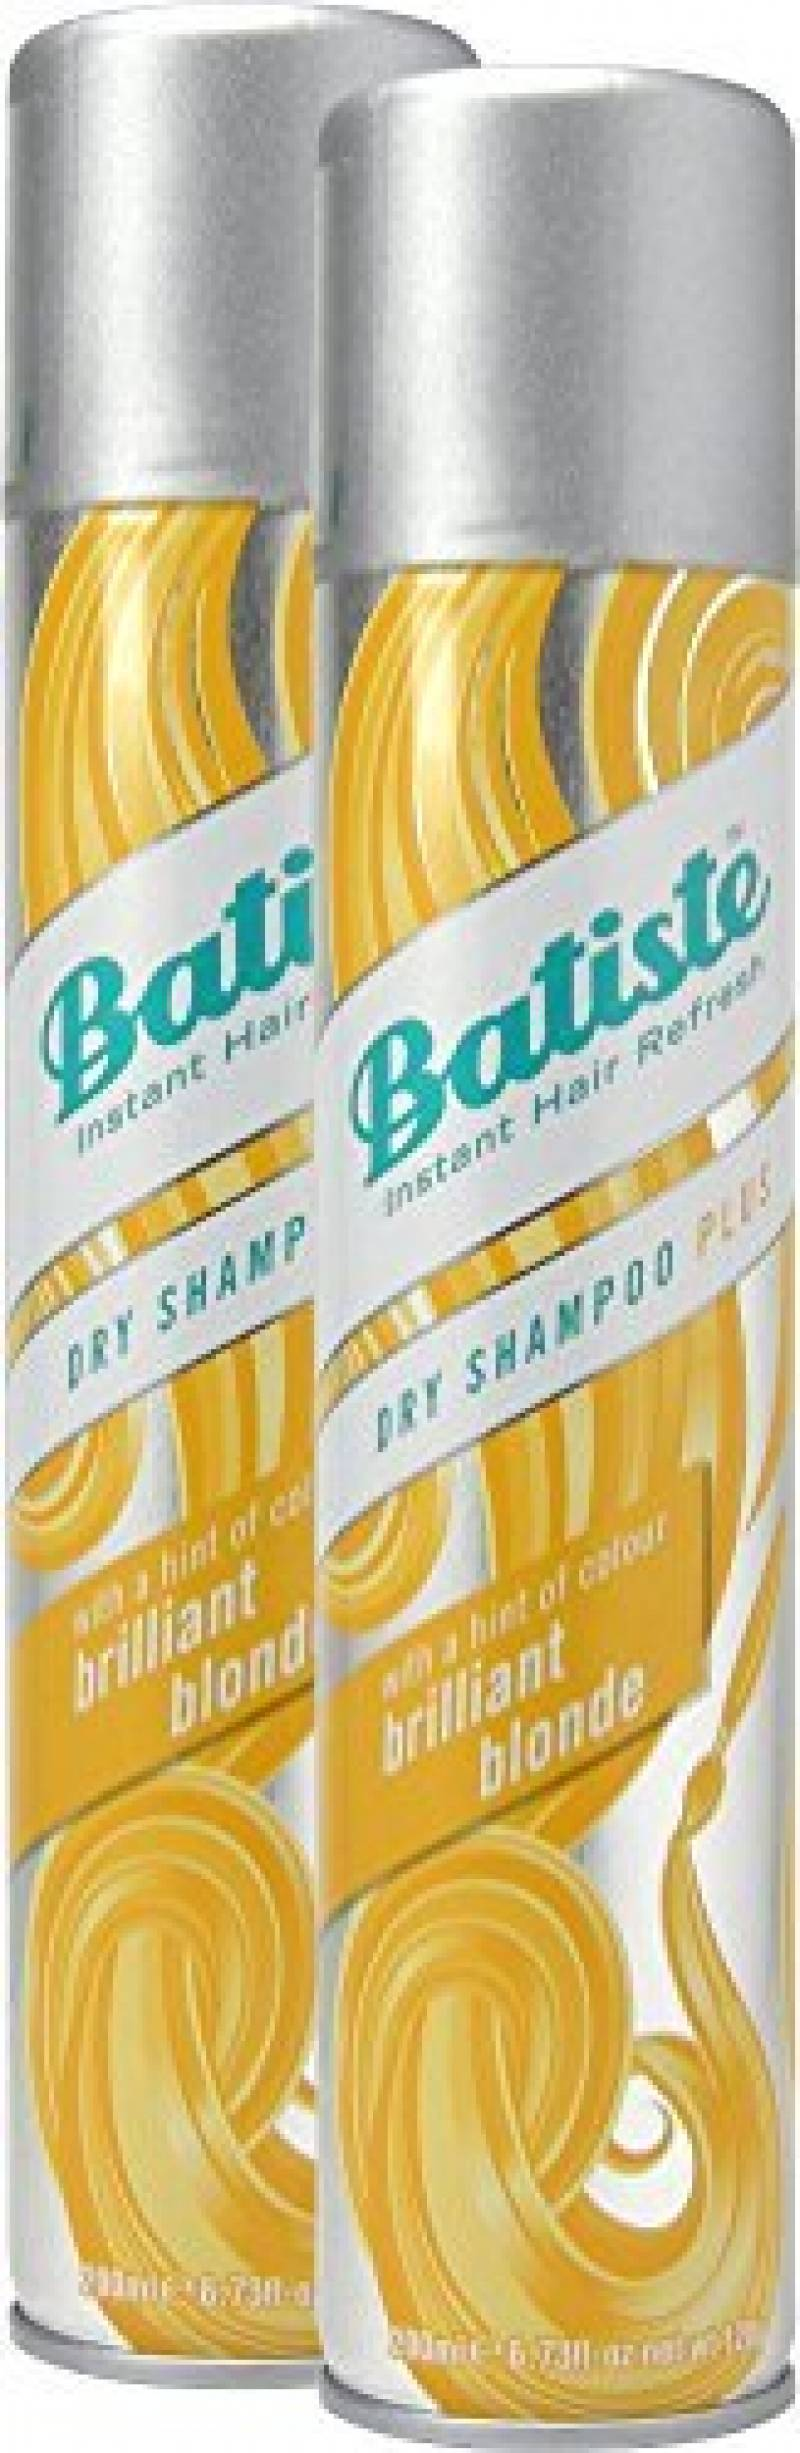 Batiste Shampooing sec (Lot de 2)–Shampooing sec–Color Blond (2x 200ml) de la marque Batiste TOP 2 image 0 produit